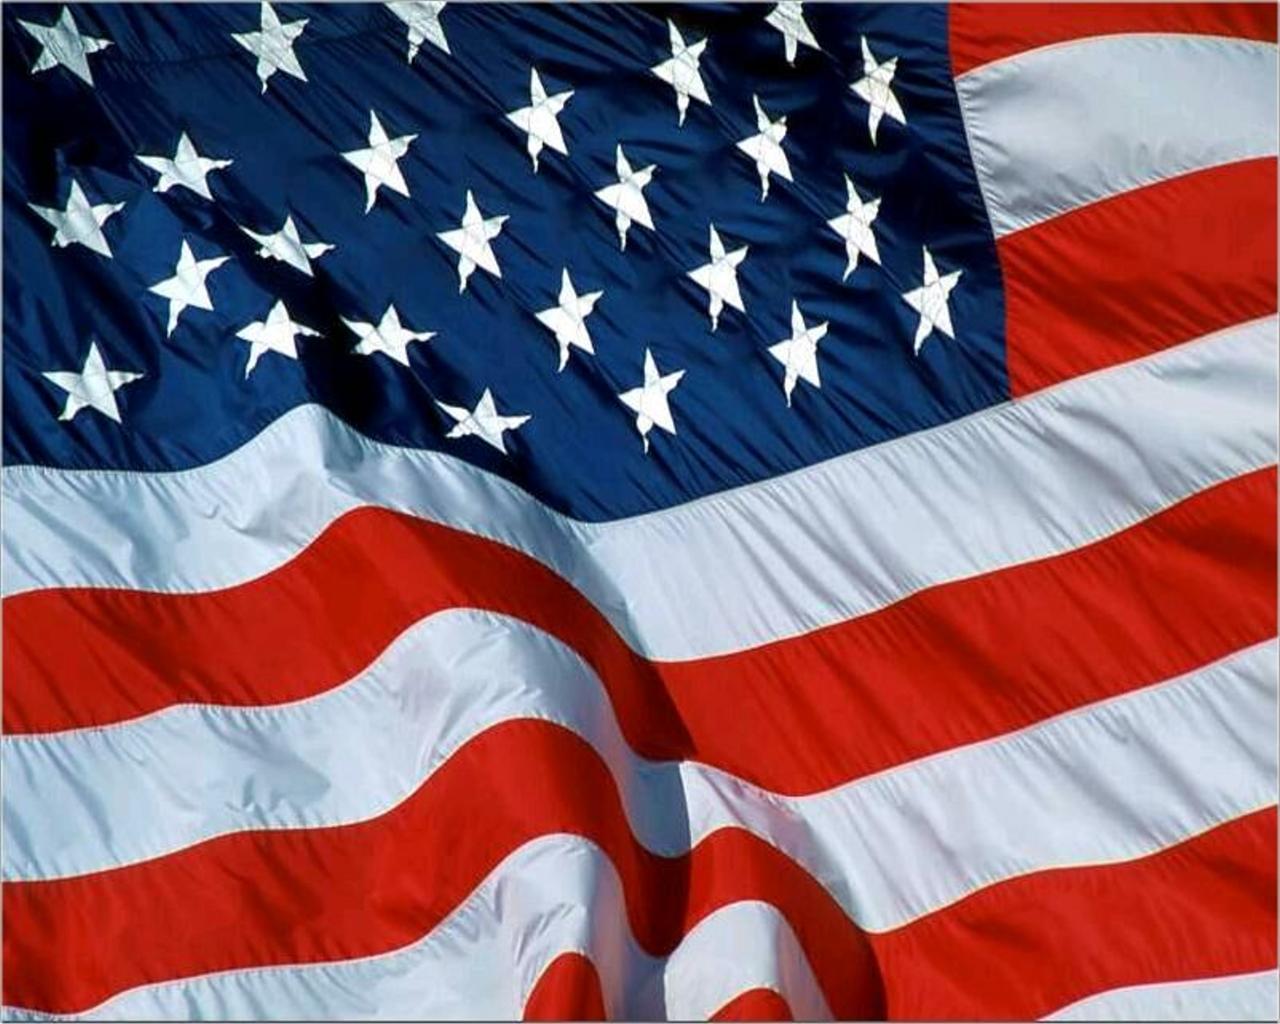 wwwcrazyeddieorgwallpapersub pagespatriotic 3 1280x1024htm 1280x1024